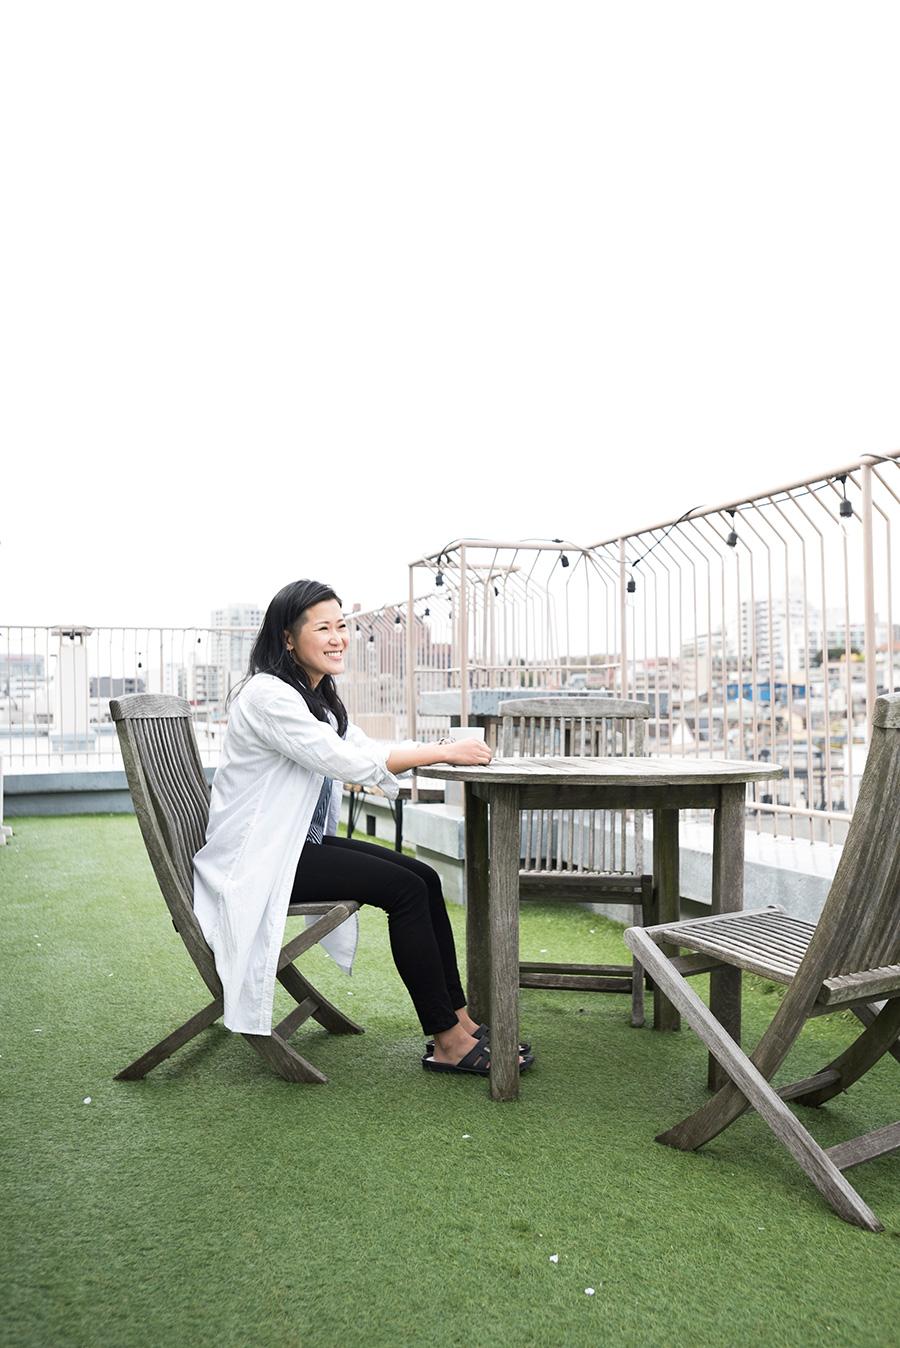 「仕事の合間にバルコニーで寛ぐ時間が好き」というグラフィックデザイナーのカトウアヤコさん。大好きなものづくりを活かした生活を楽しむ。